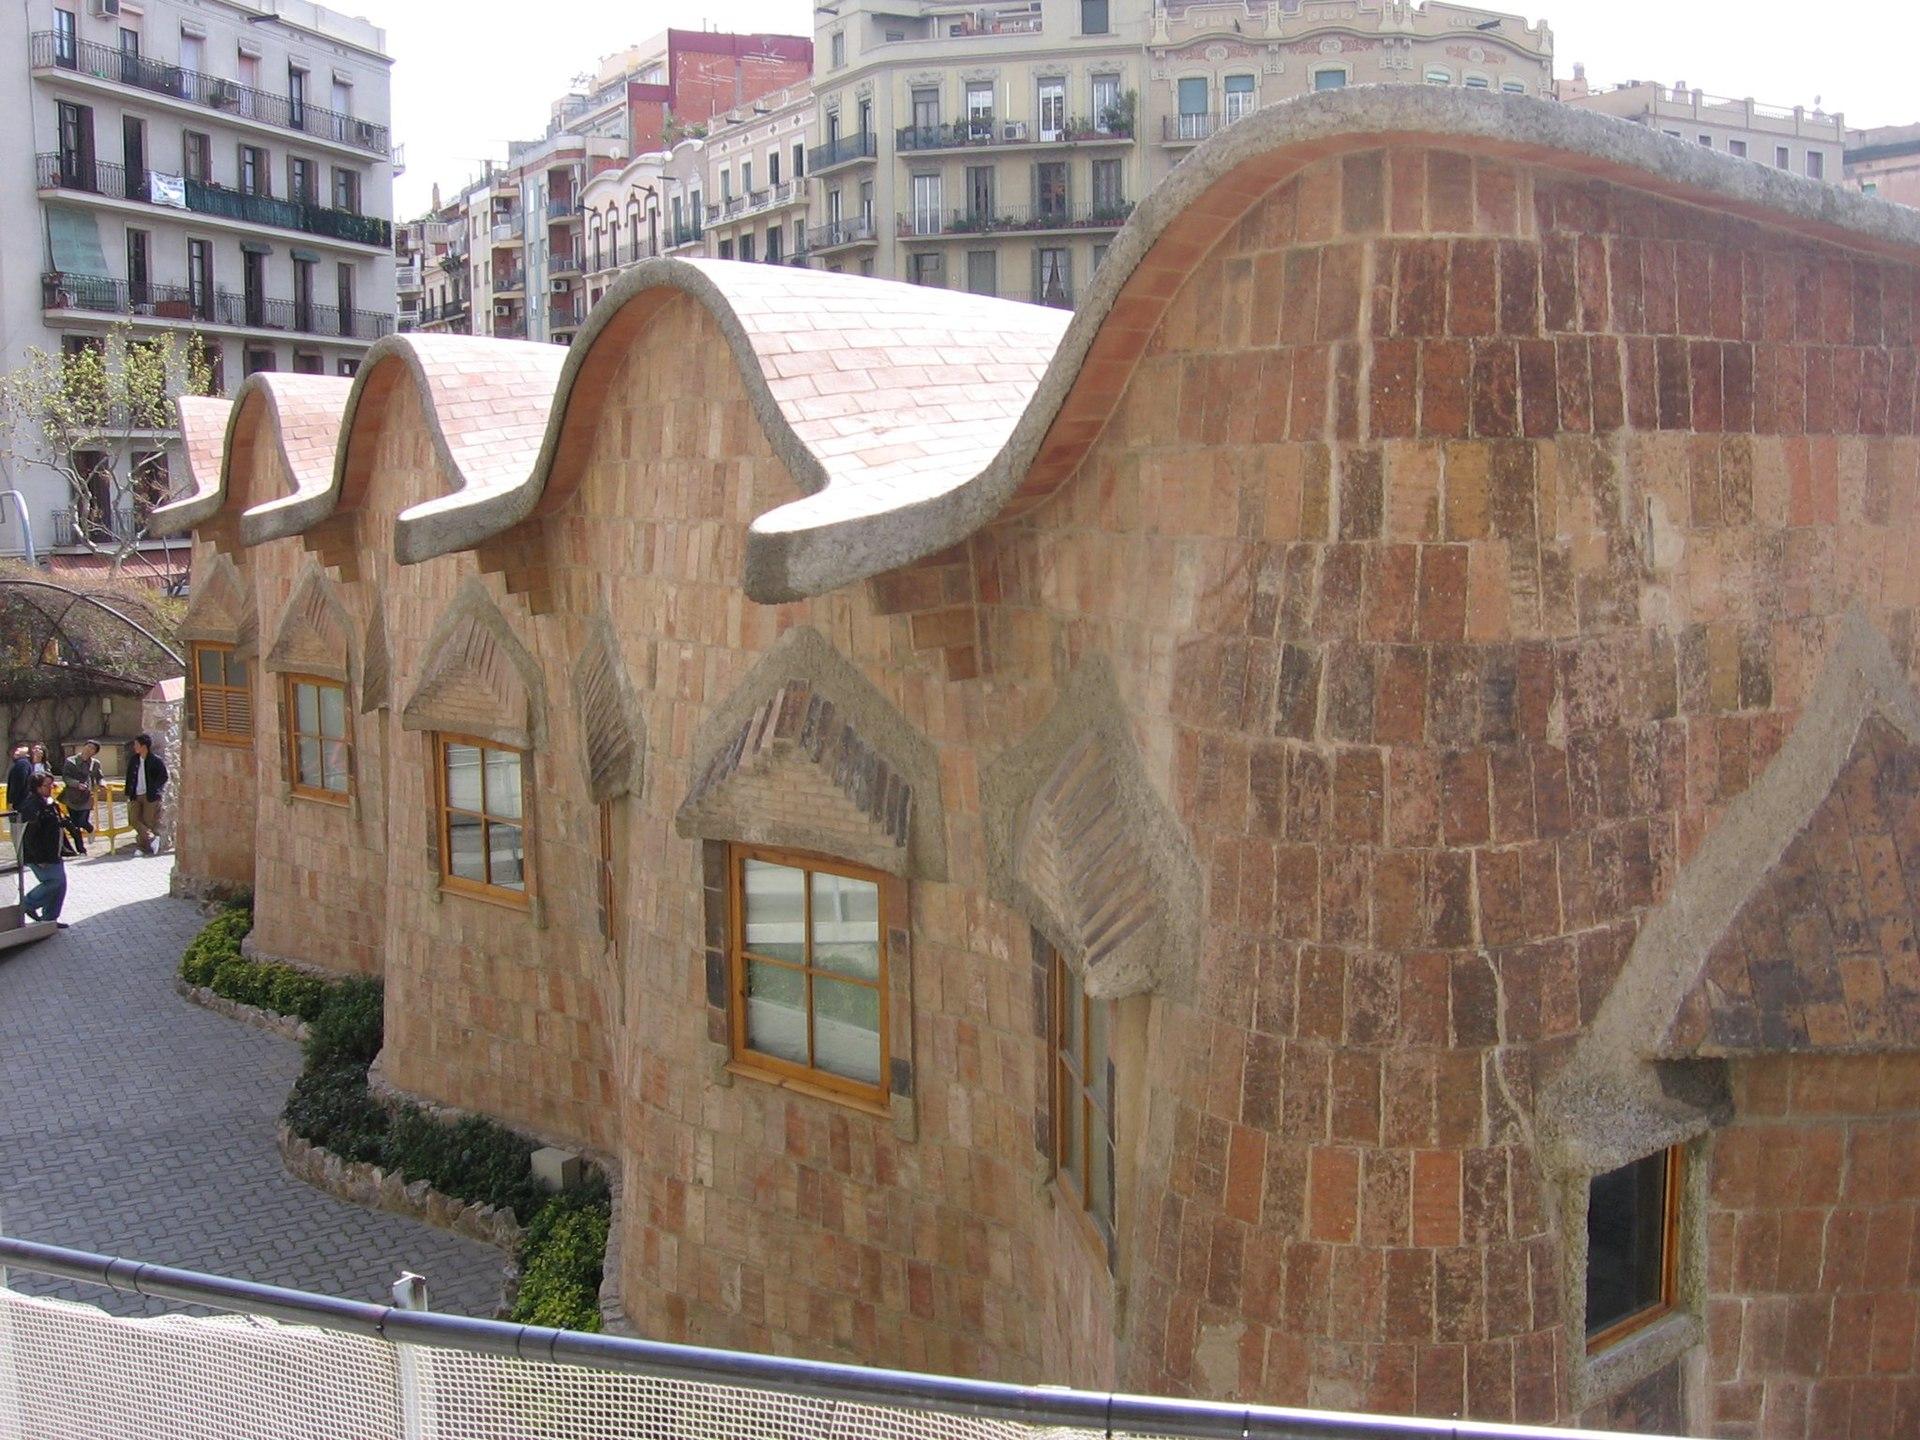 Sagrada fam lia schools wikipedia for Antoni gaudi sagrada familia architecture